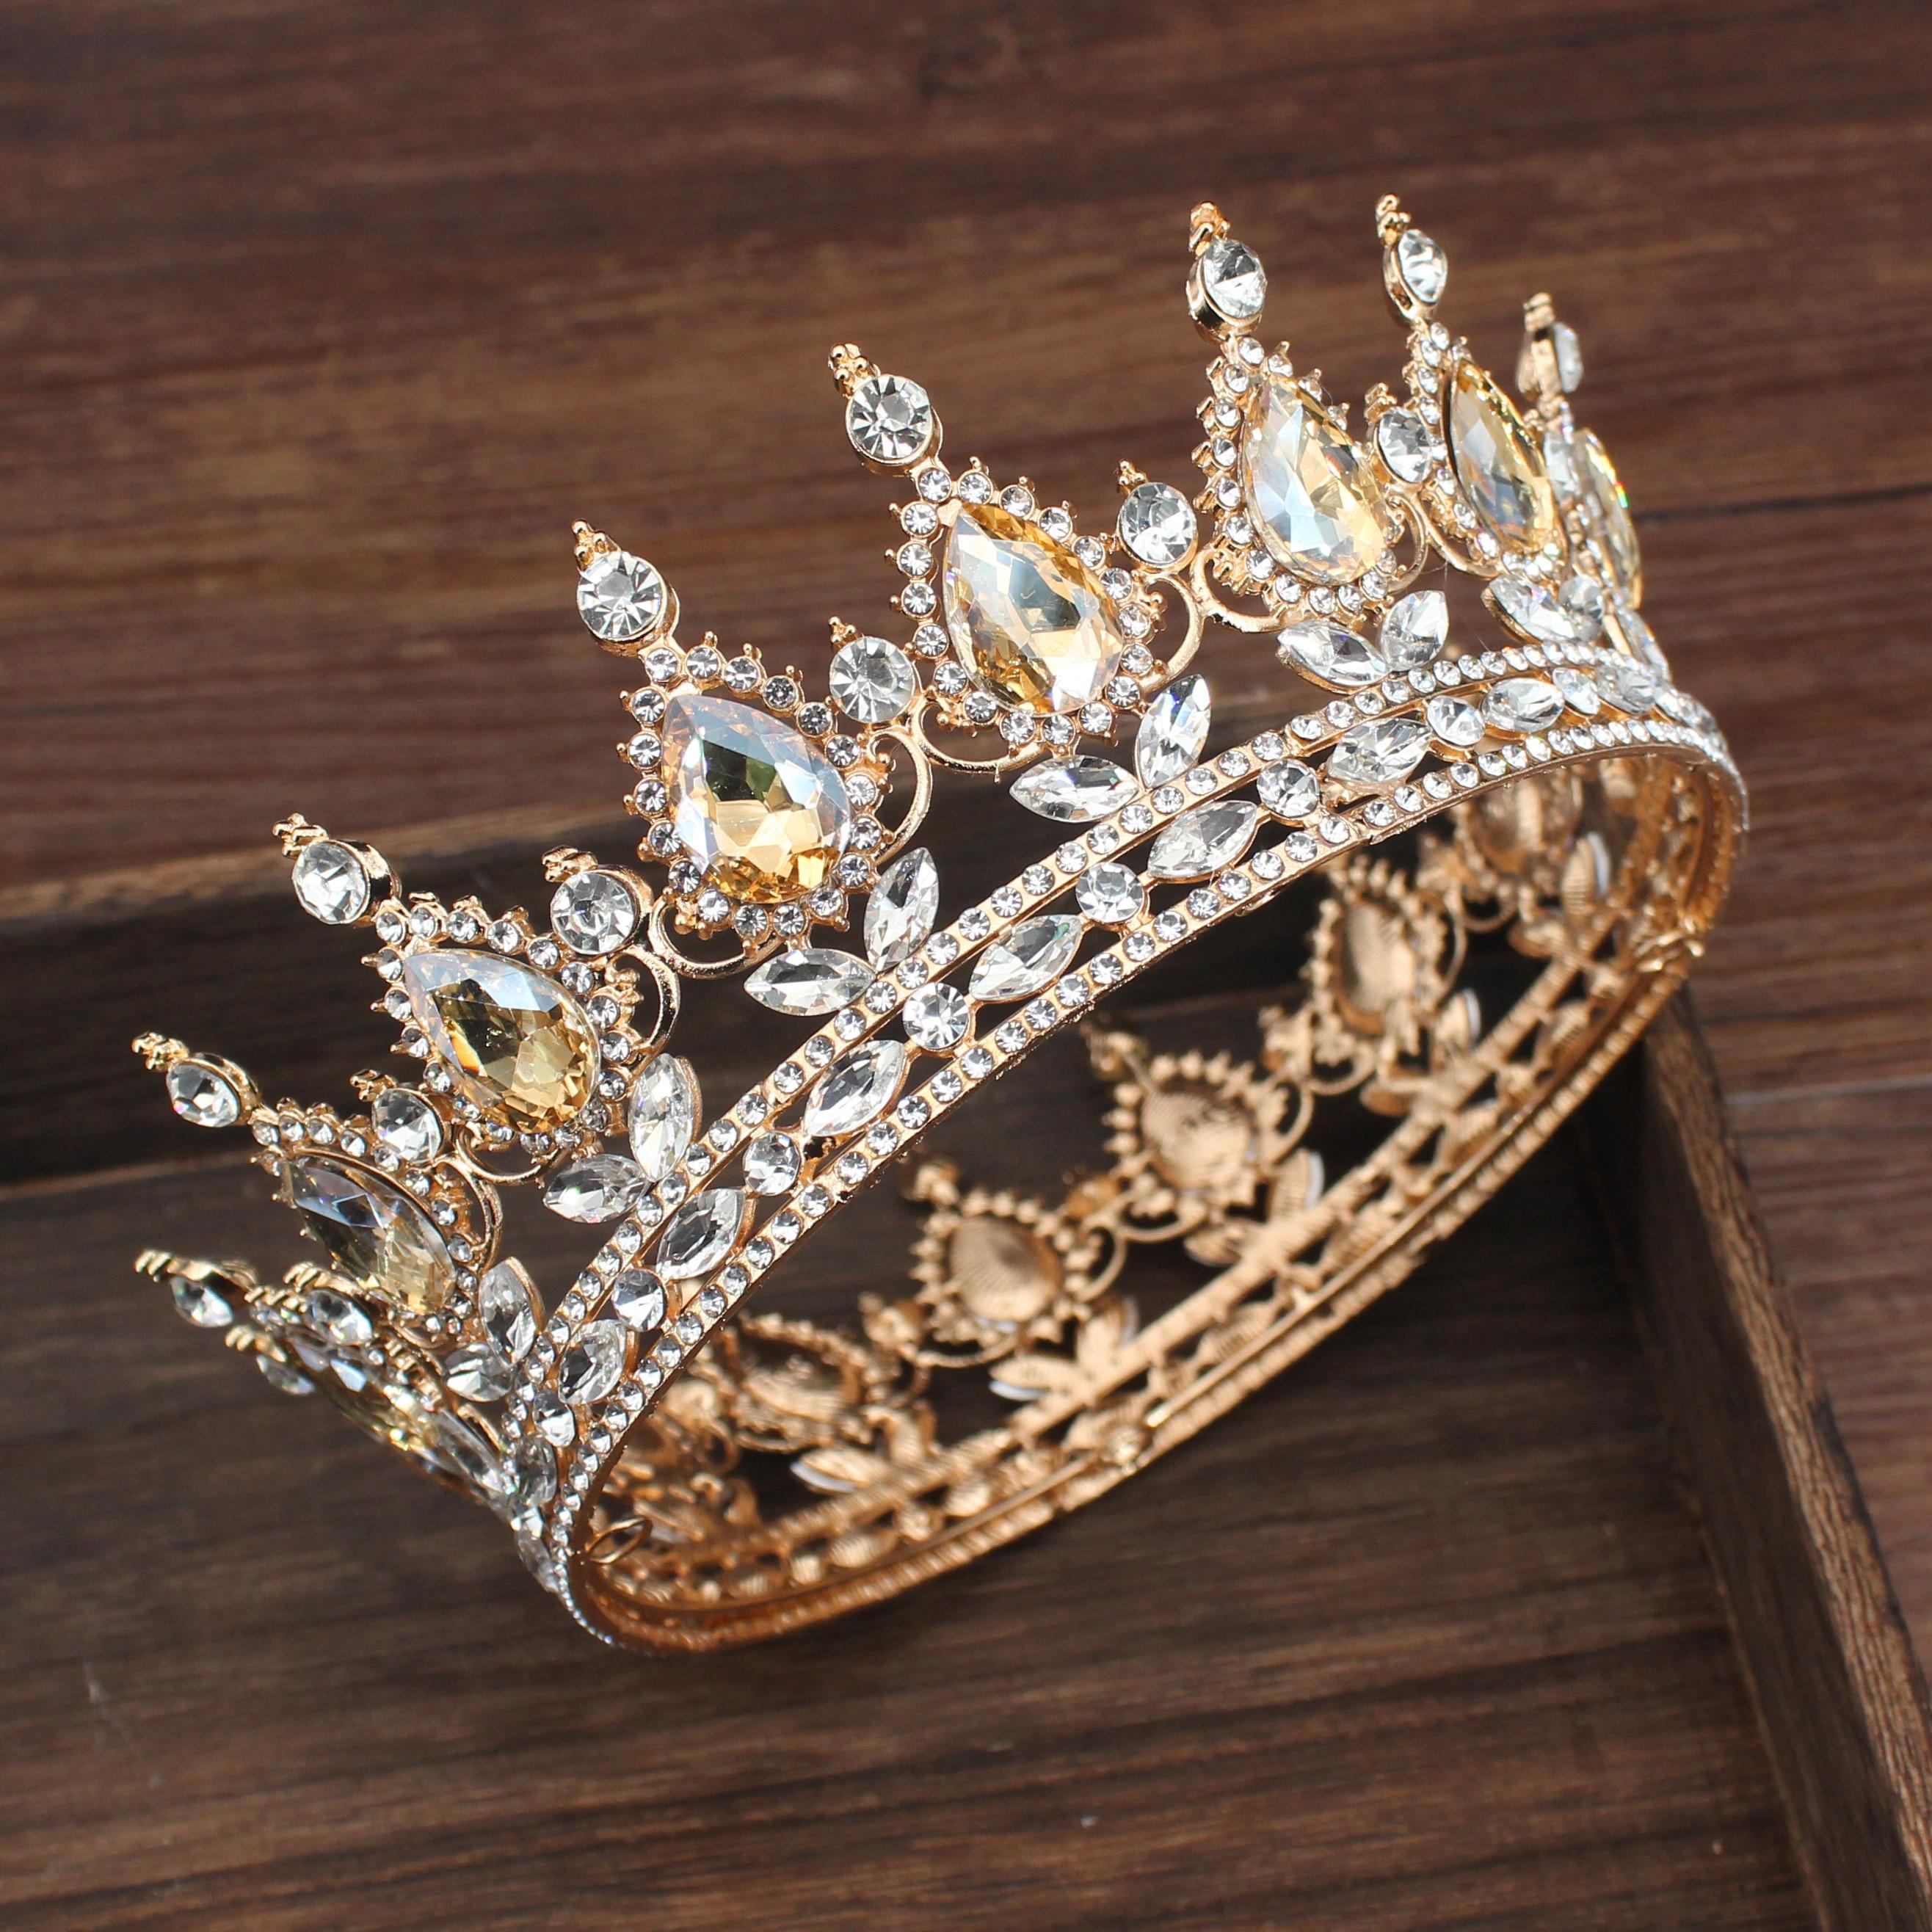 Enfeite de cabeça para noiva, acessório de enfeite de noiva tipo queen king tiaras e coroa para casamento, diadema para mulheres